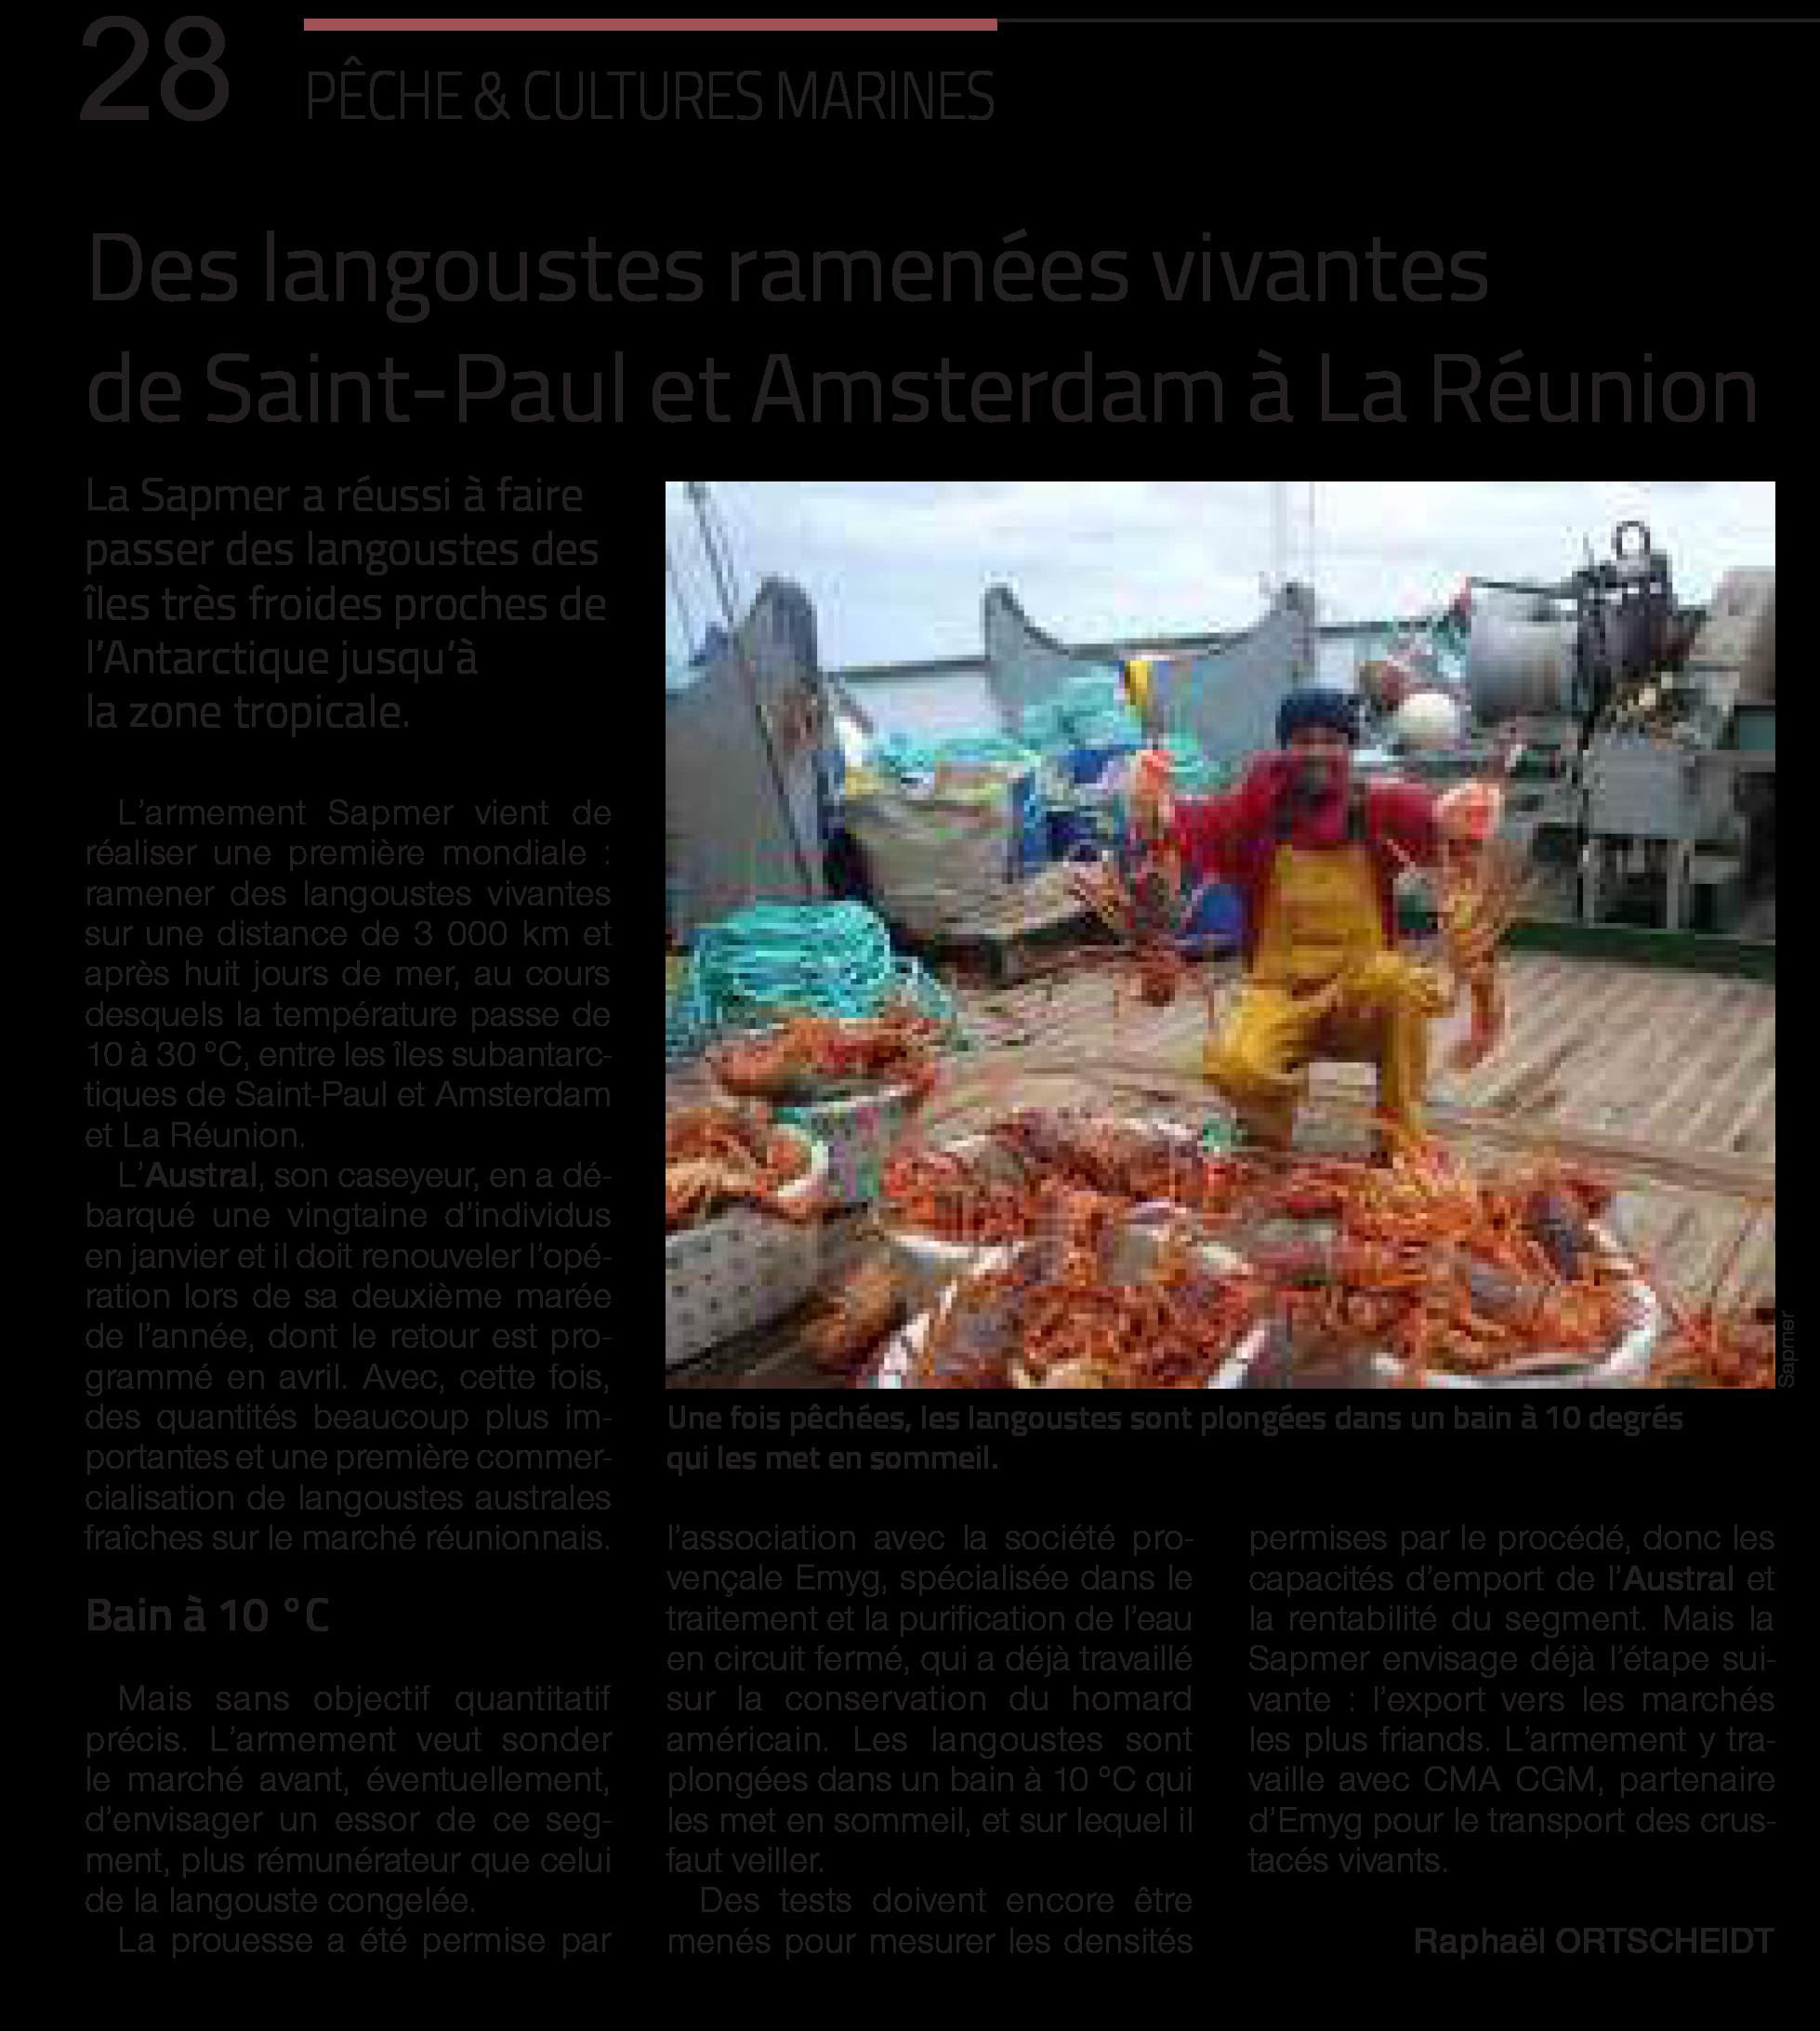 Des langoustes ramenées vivantes de Saint-Paul et Amsterdam à La Réunion